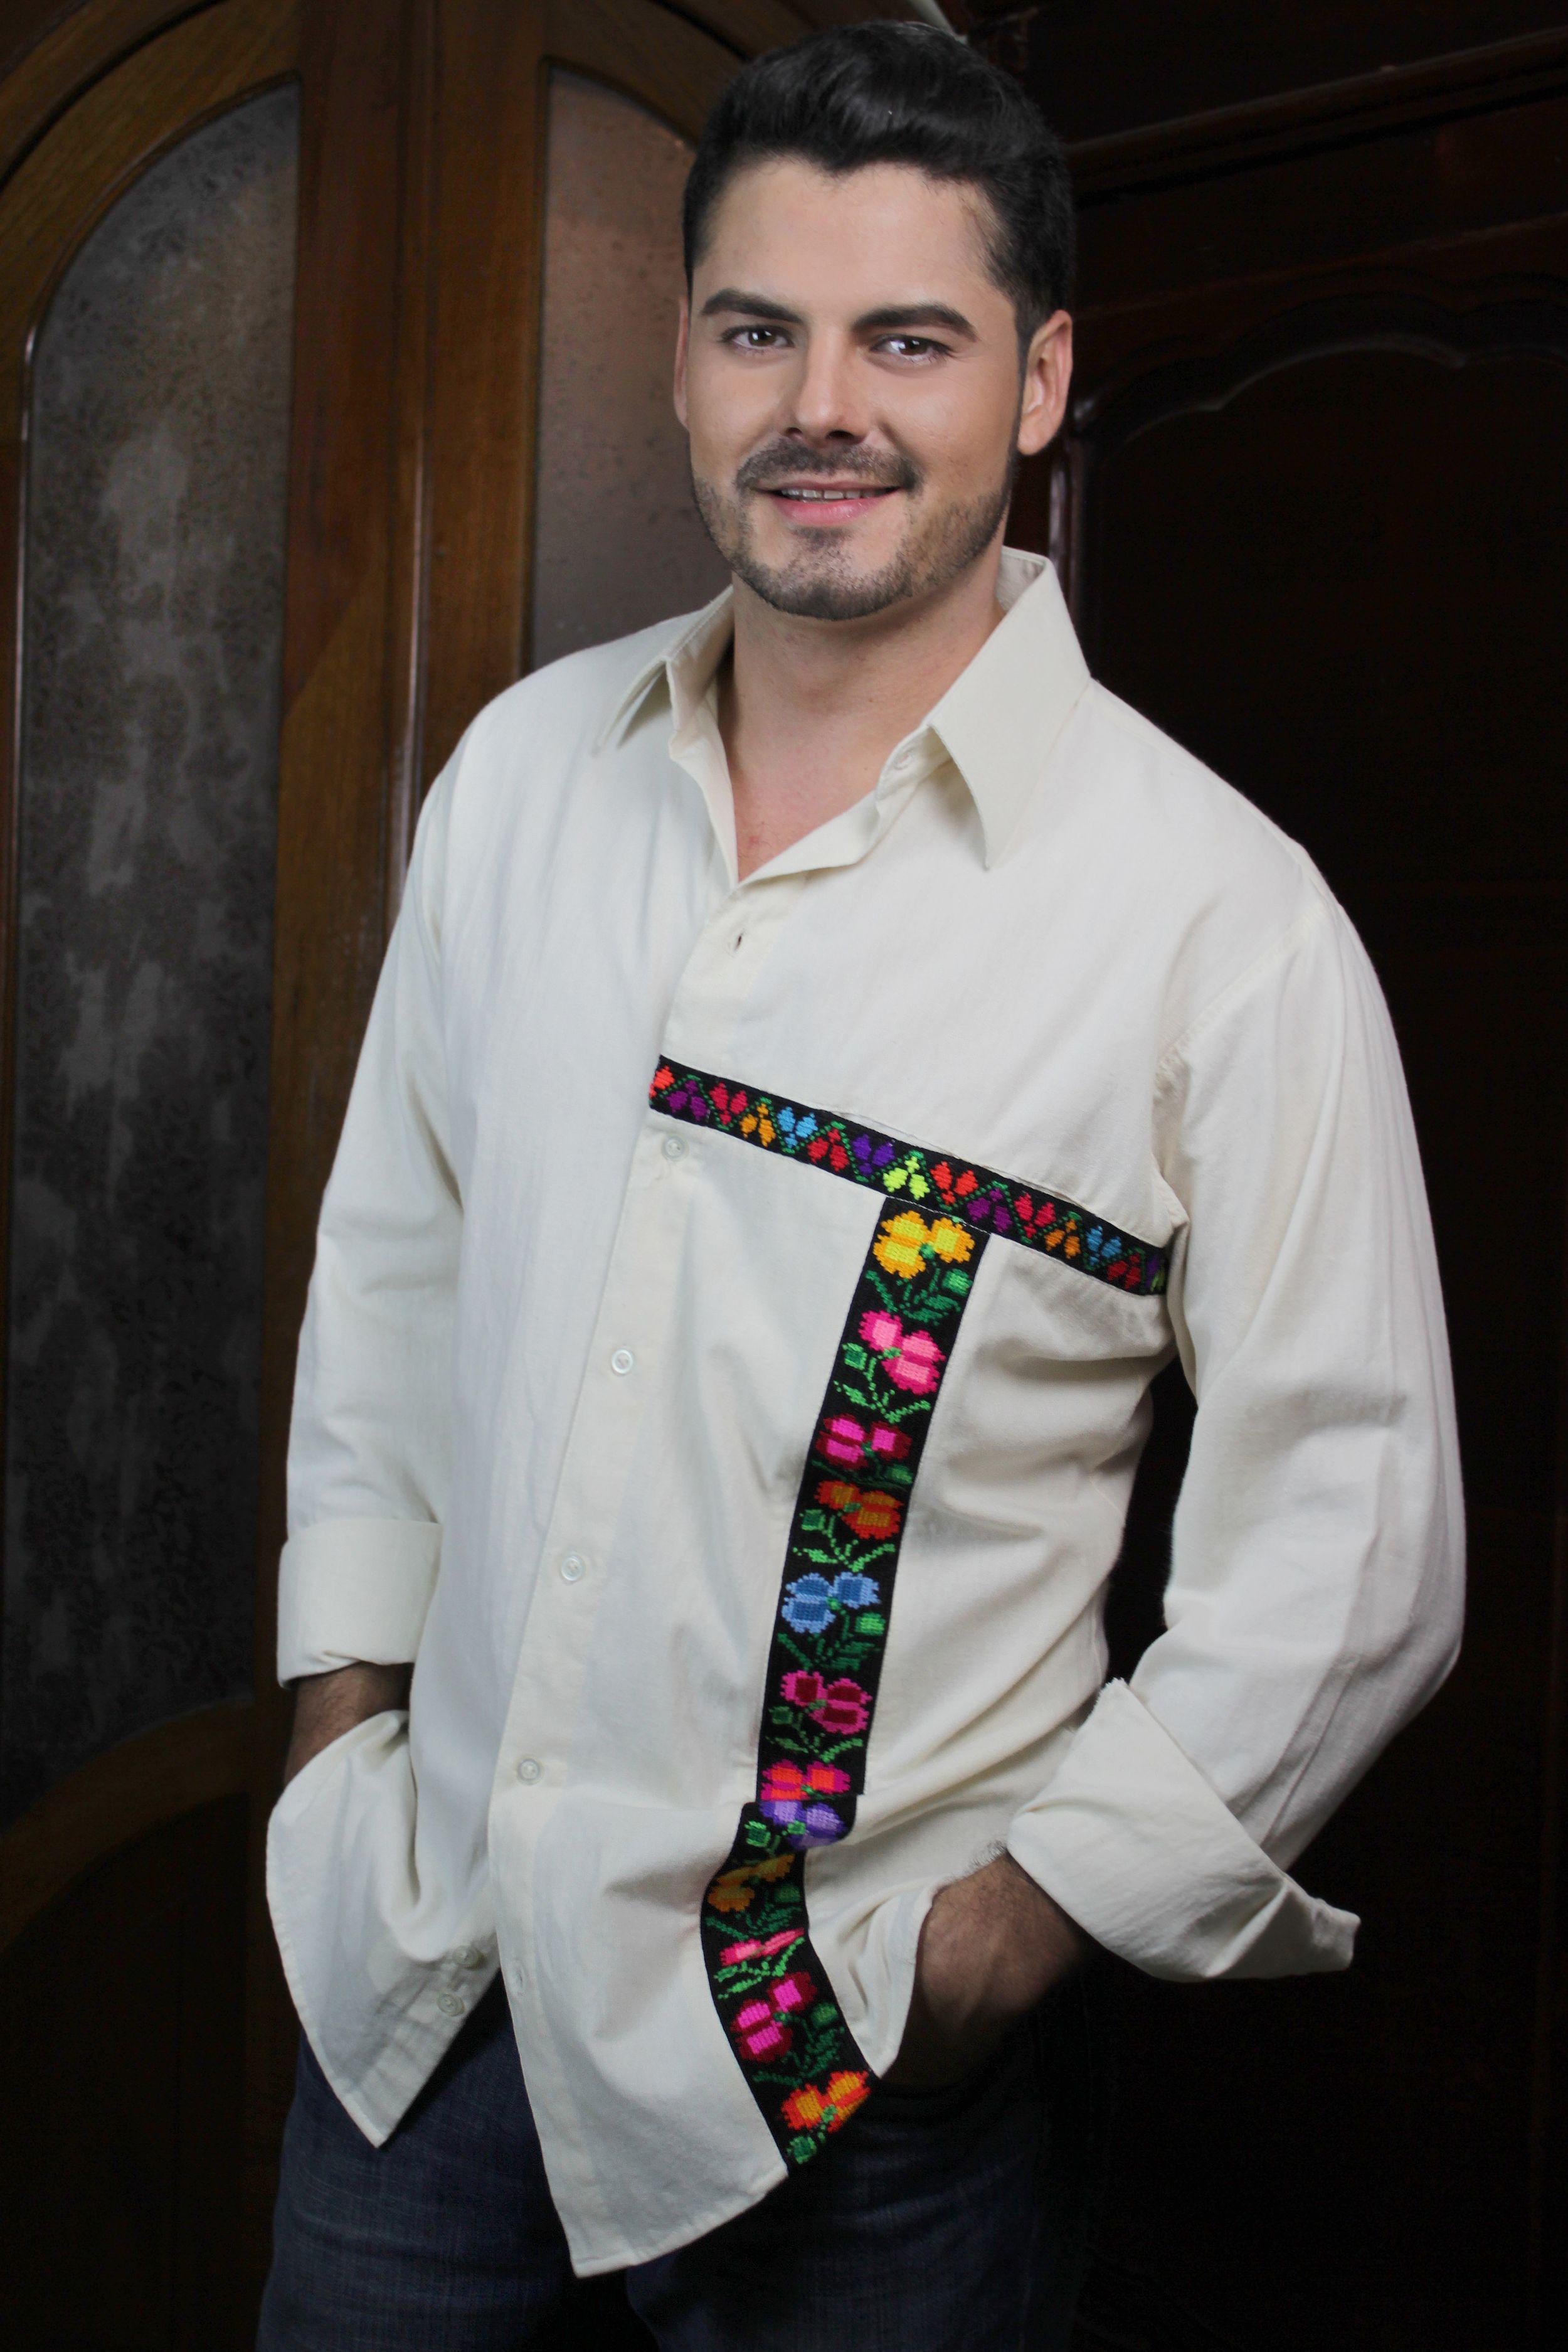 Camisa confeccionada en 100 % algodón con bordado chiapaneco 75f8ccb3c24de